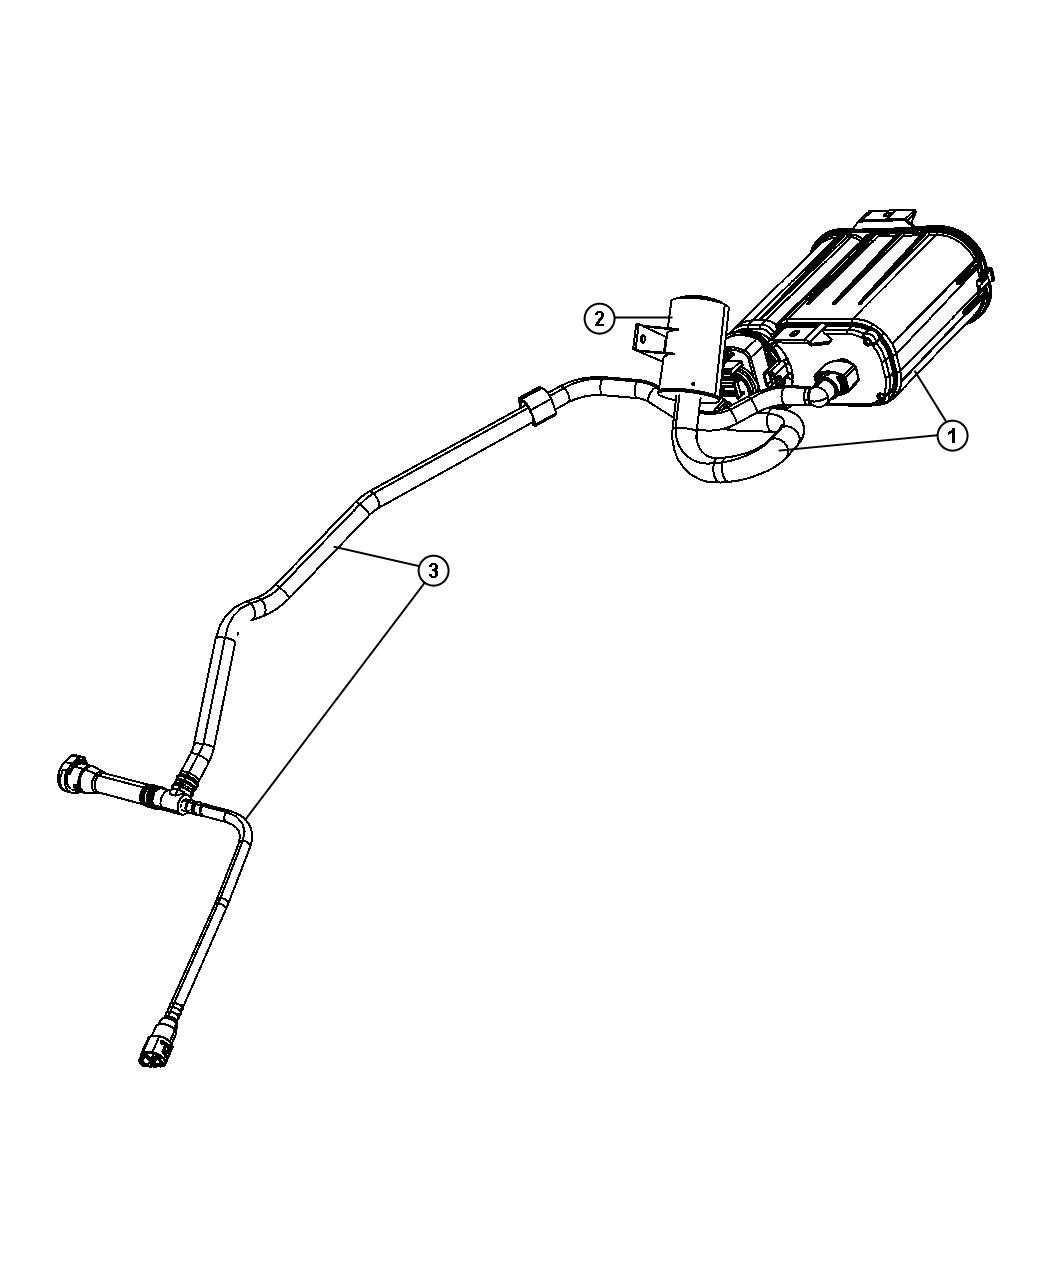 Dodge Filter Fuel Vapor Vent Dectection